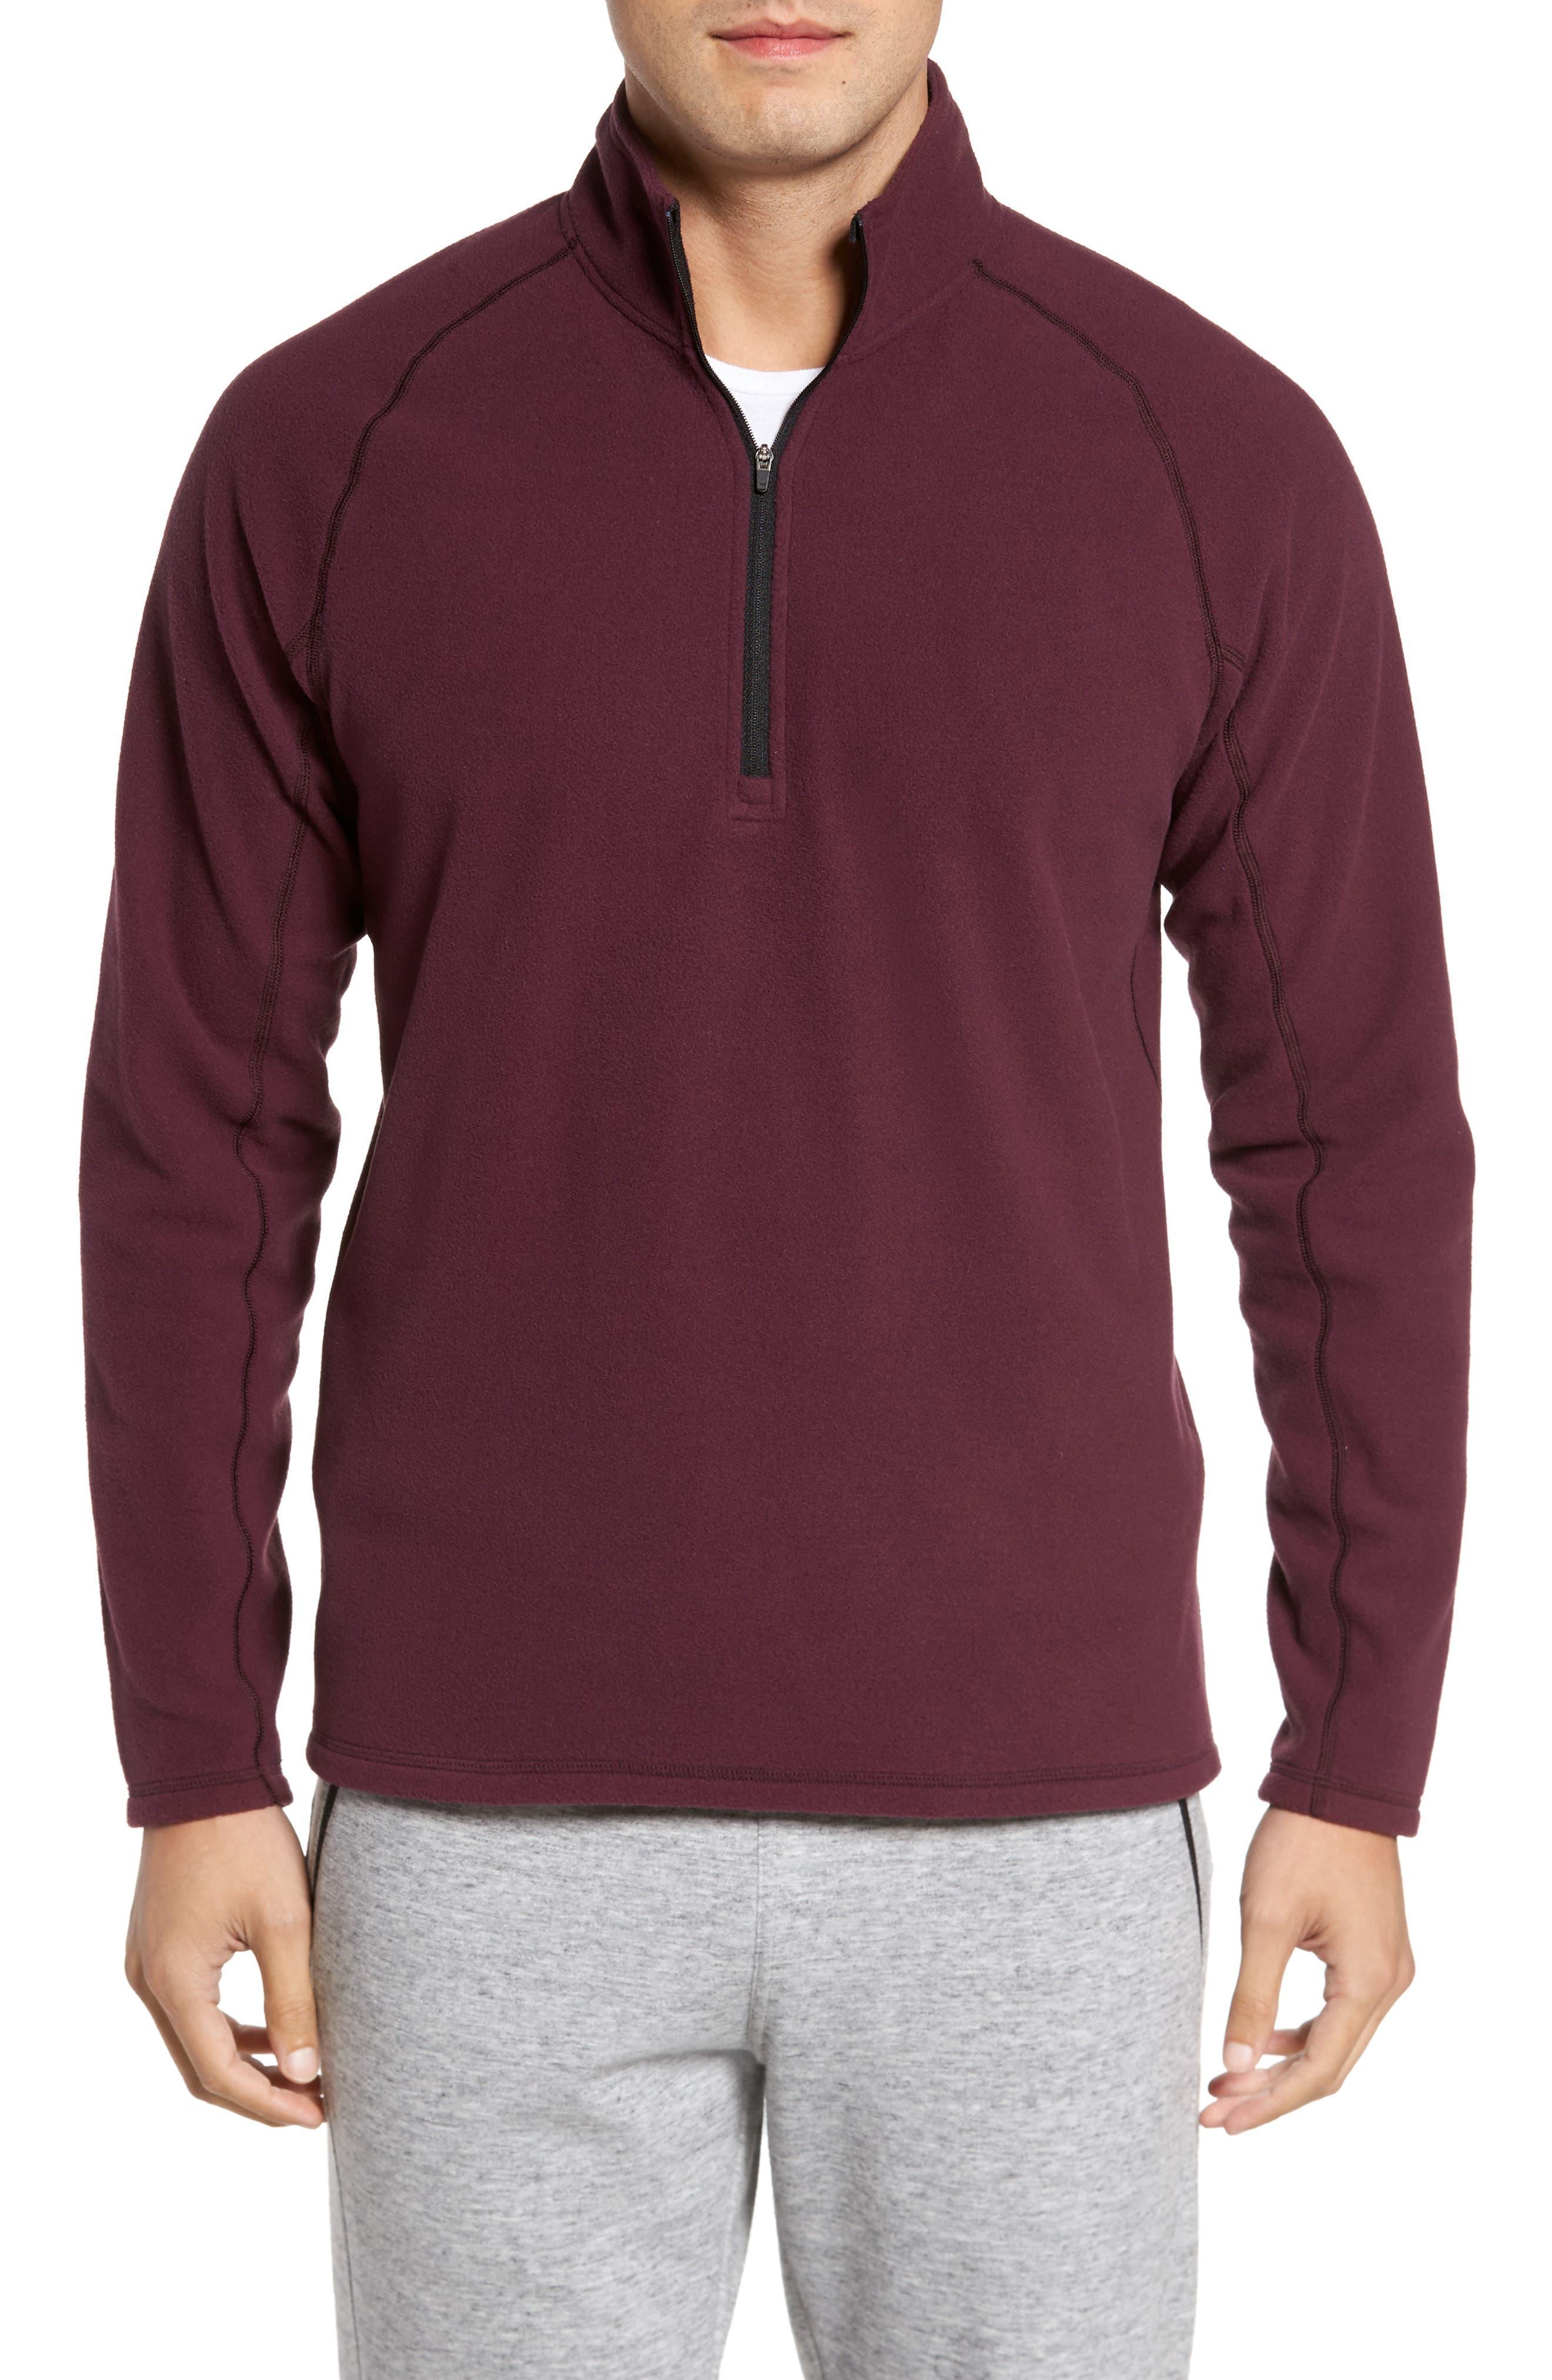 Alternate Image 1 Selected - Zella Quarter Zip Fleece Pullover